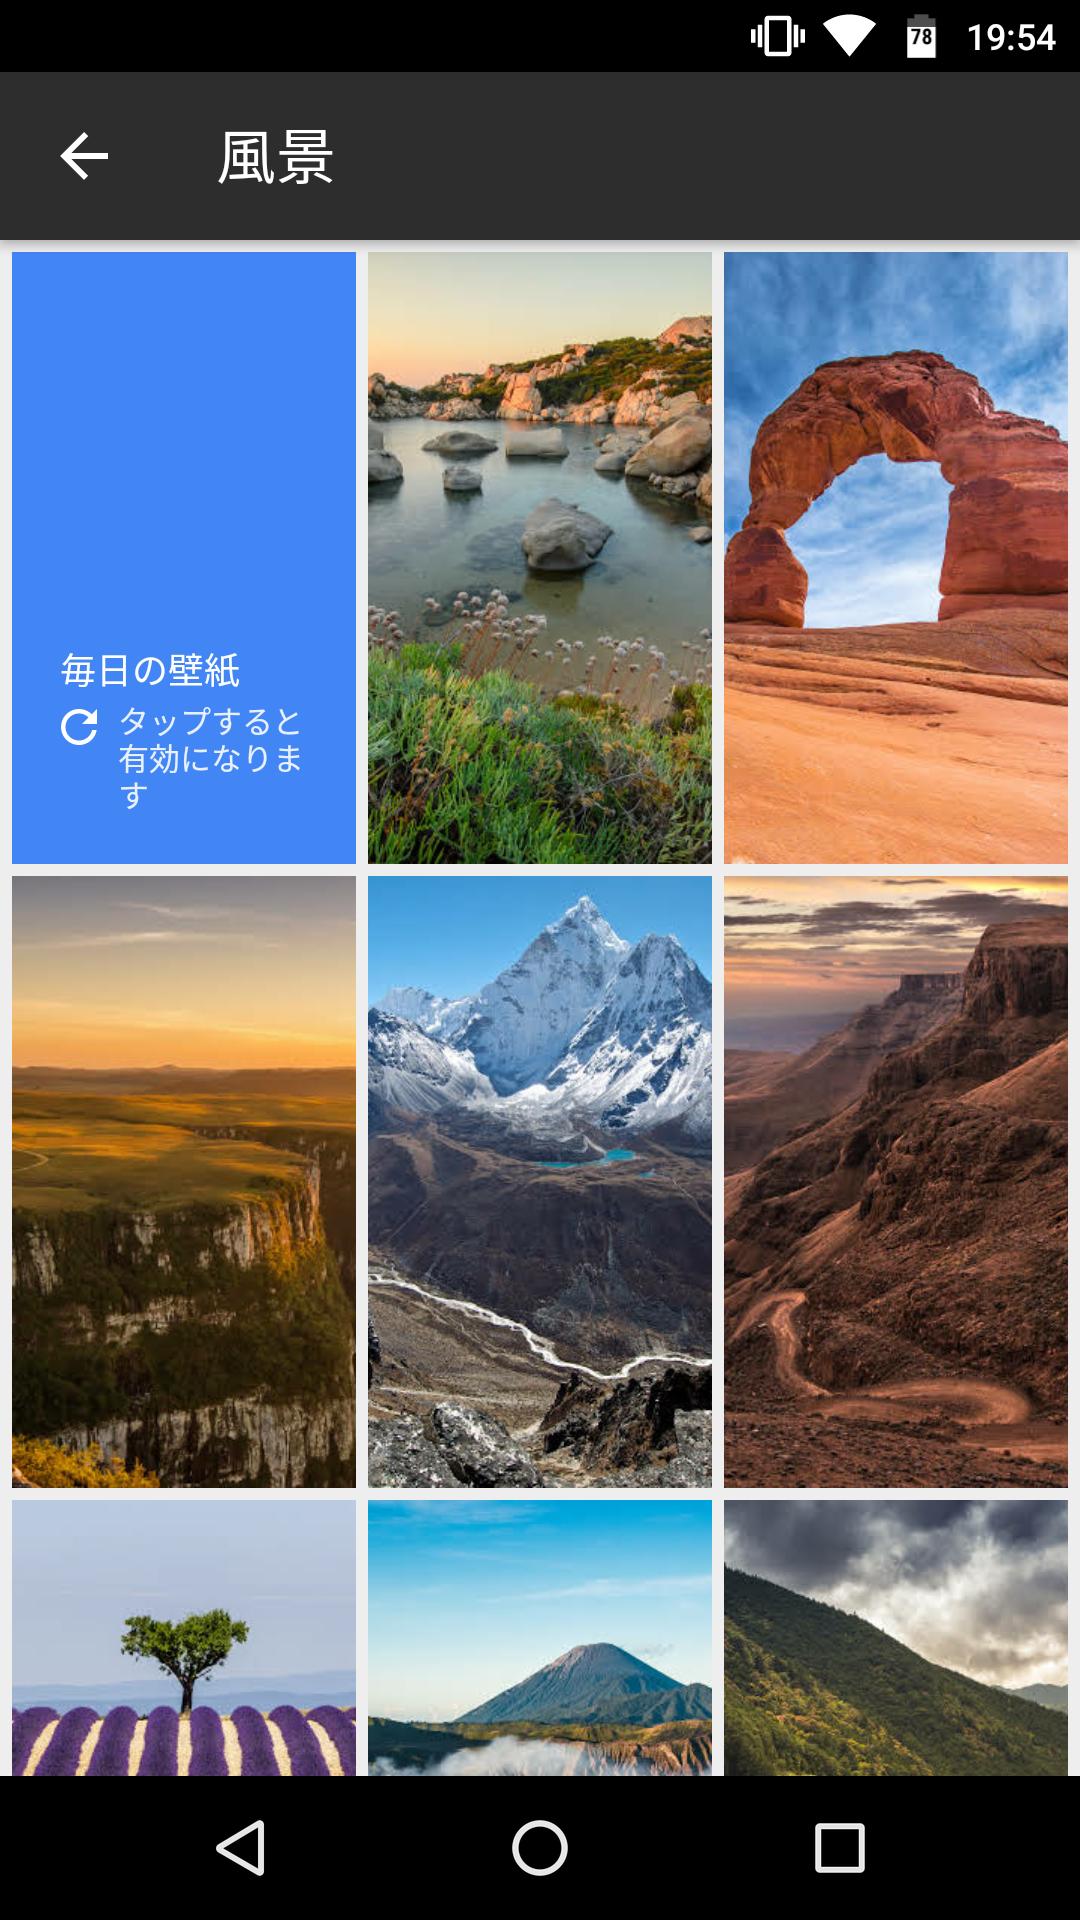 Google公式の 壁紙 Androidアプリが良い ほりべあぶろぐ